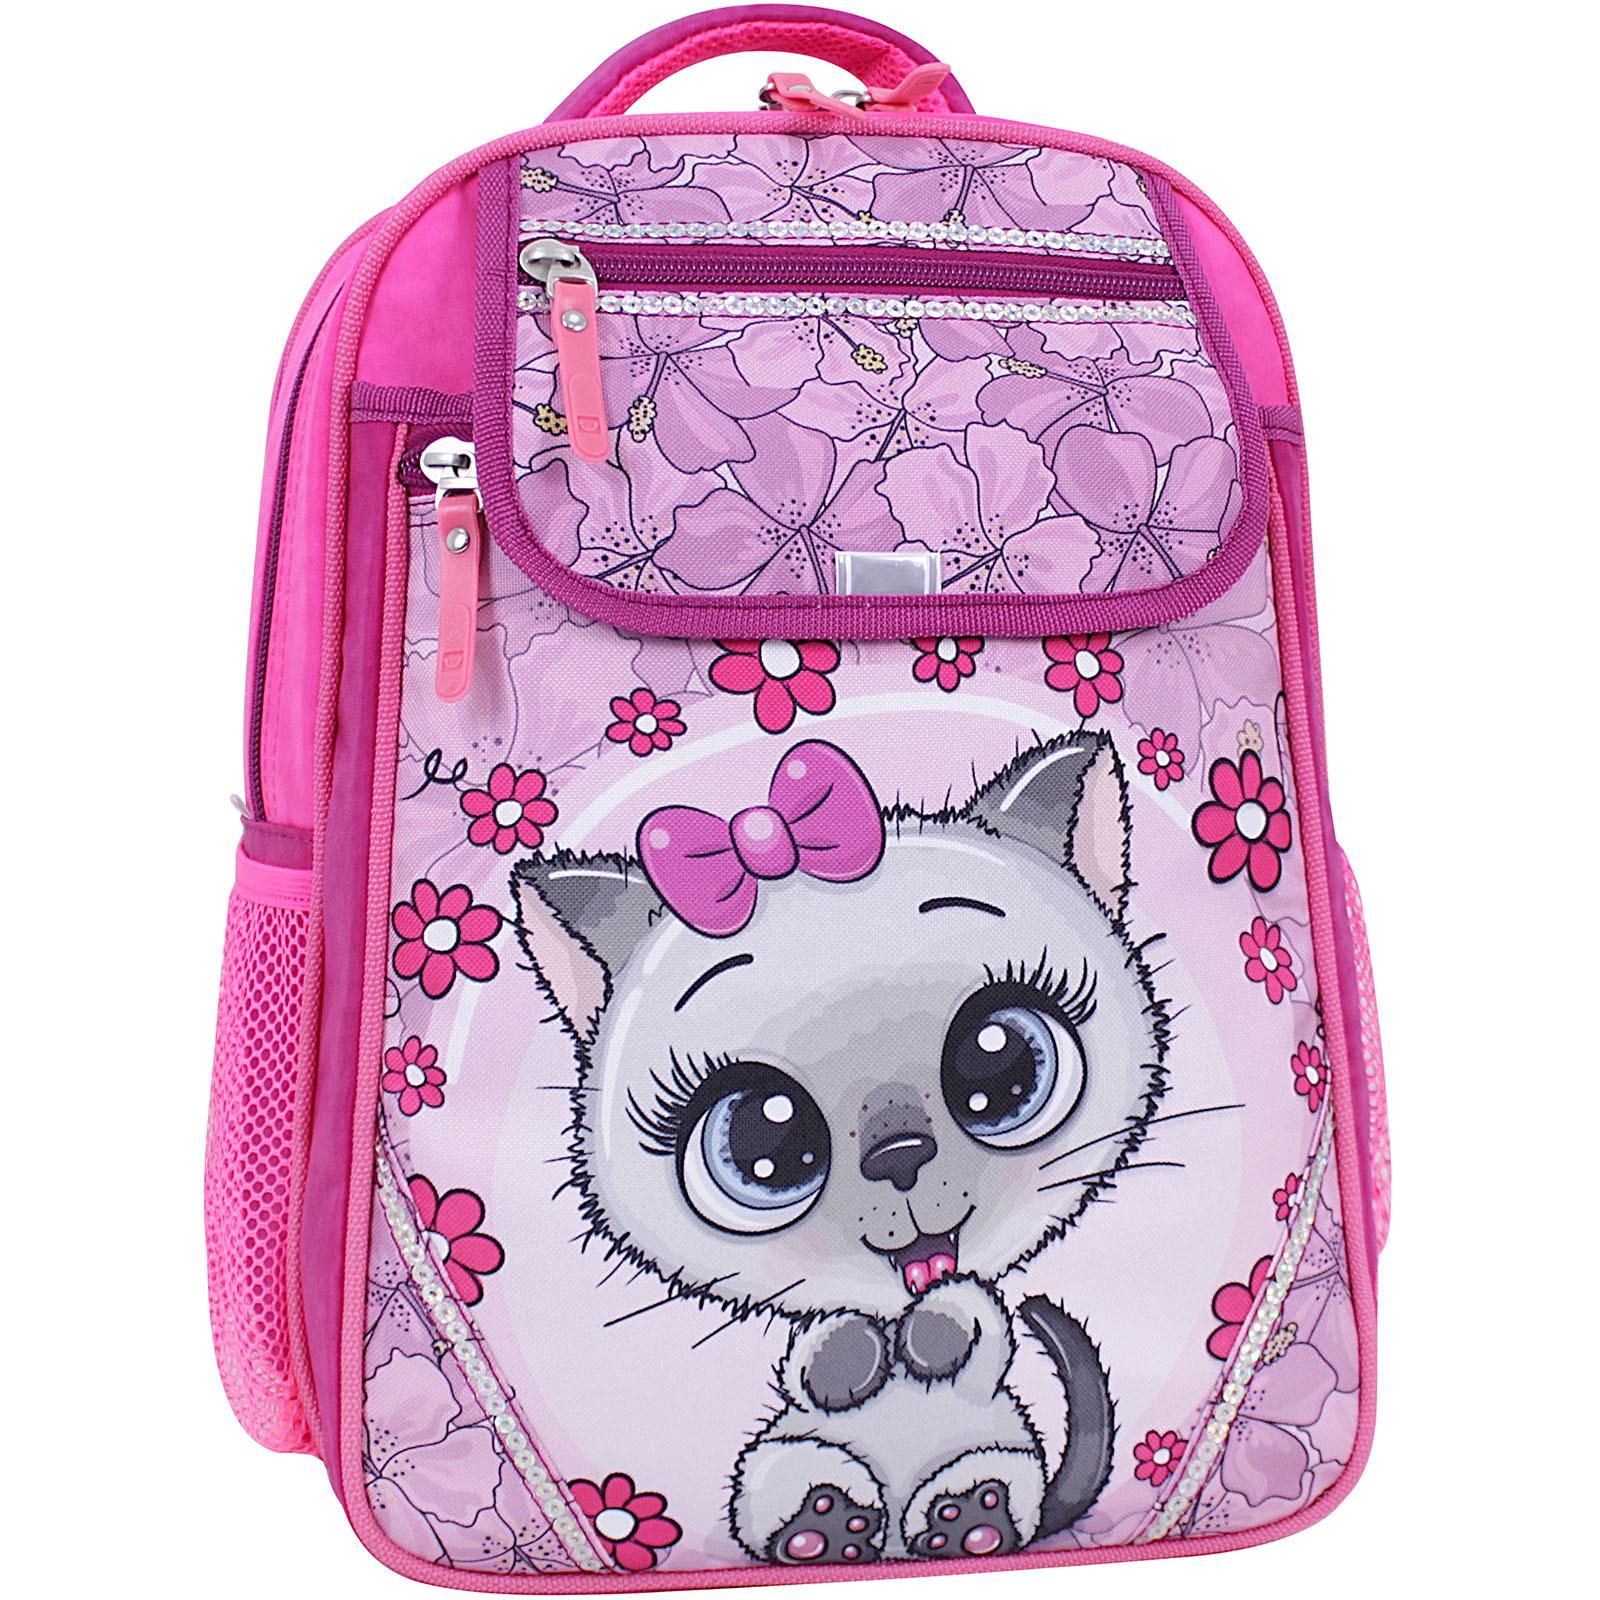 Школьные рюкзаки Рюкзак школьный Bagland Отличник 20 л. 143 малина 684 (0058070) IMG_1195суб.684.JPG